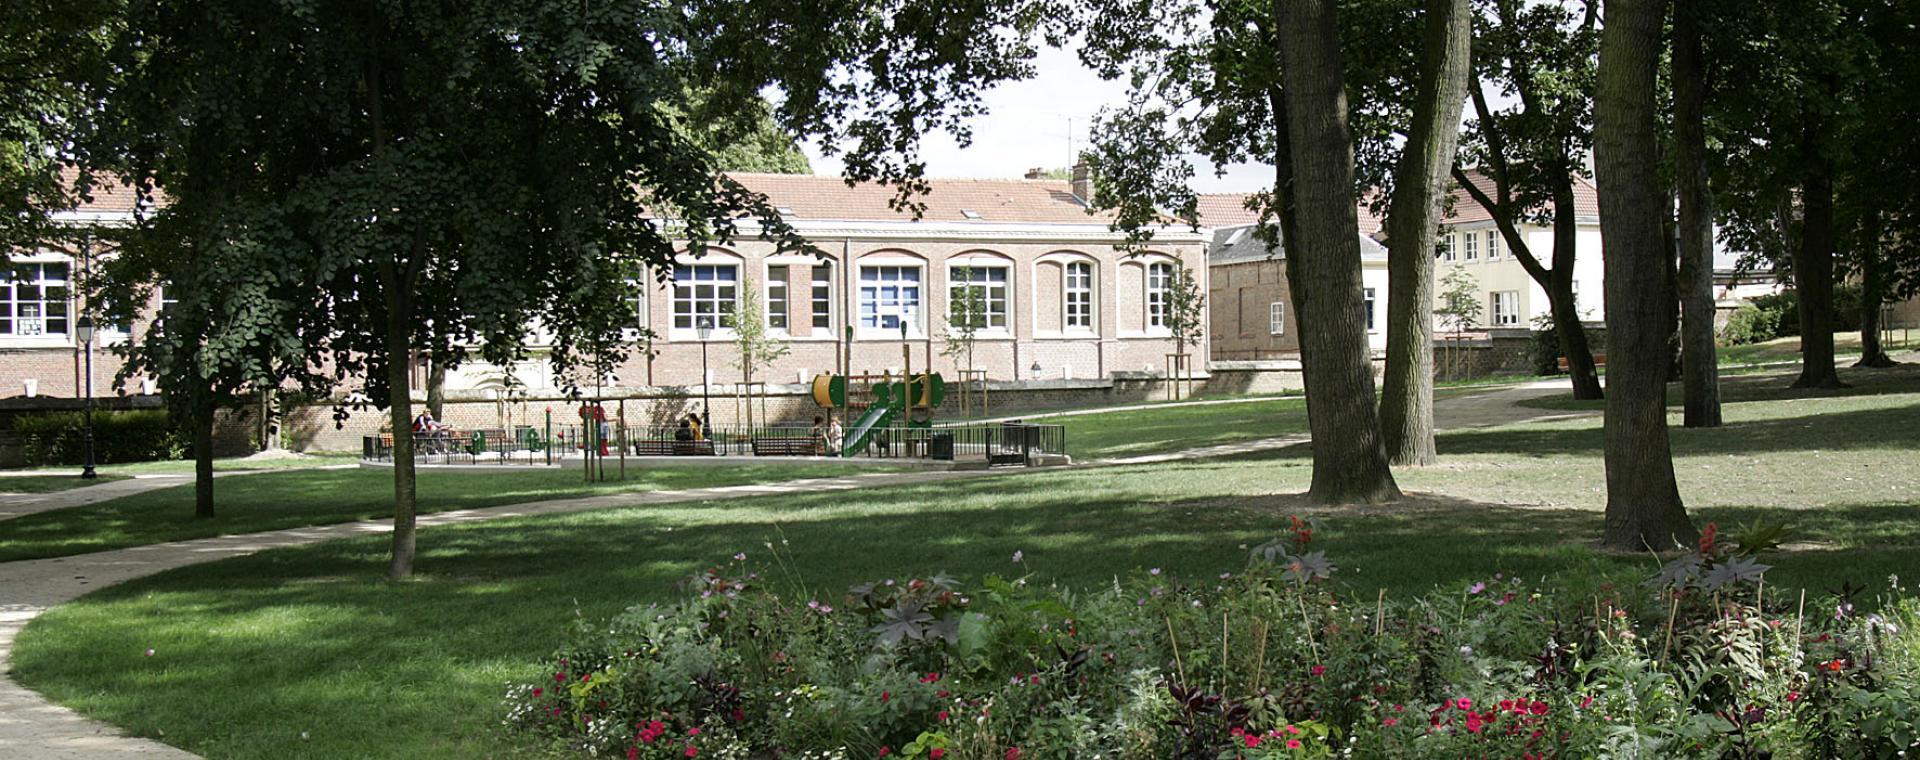 Photo du jardin de l'évêché